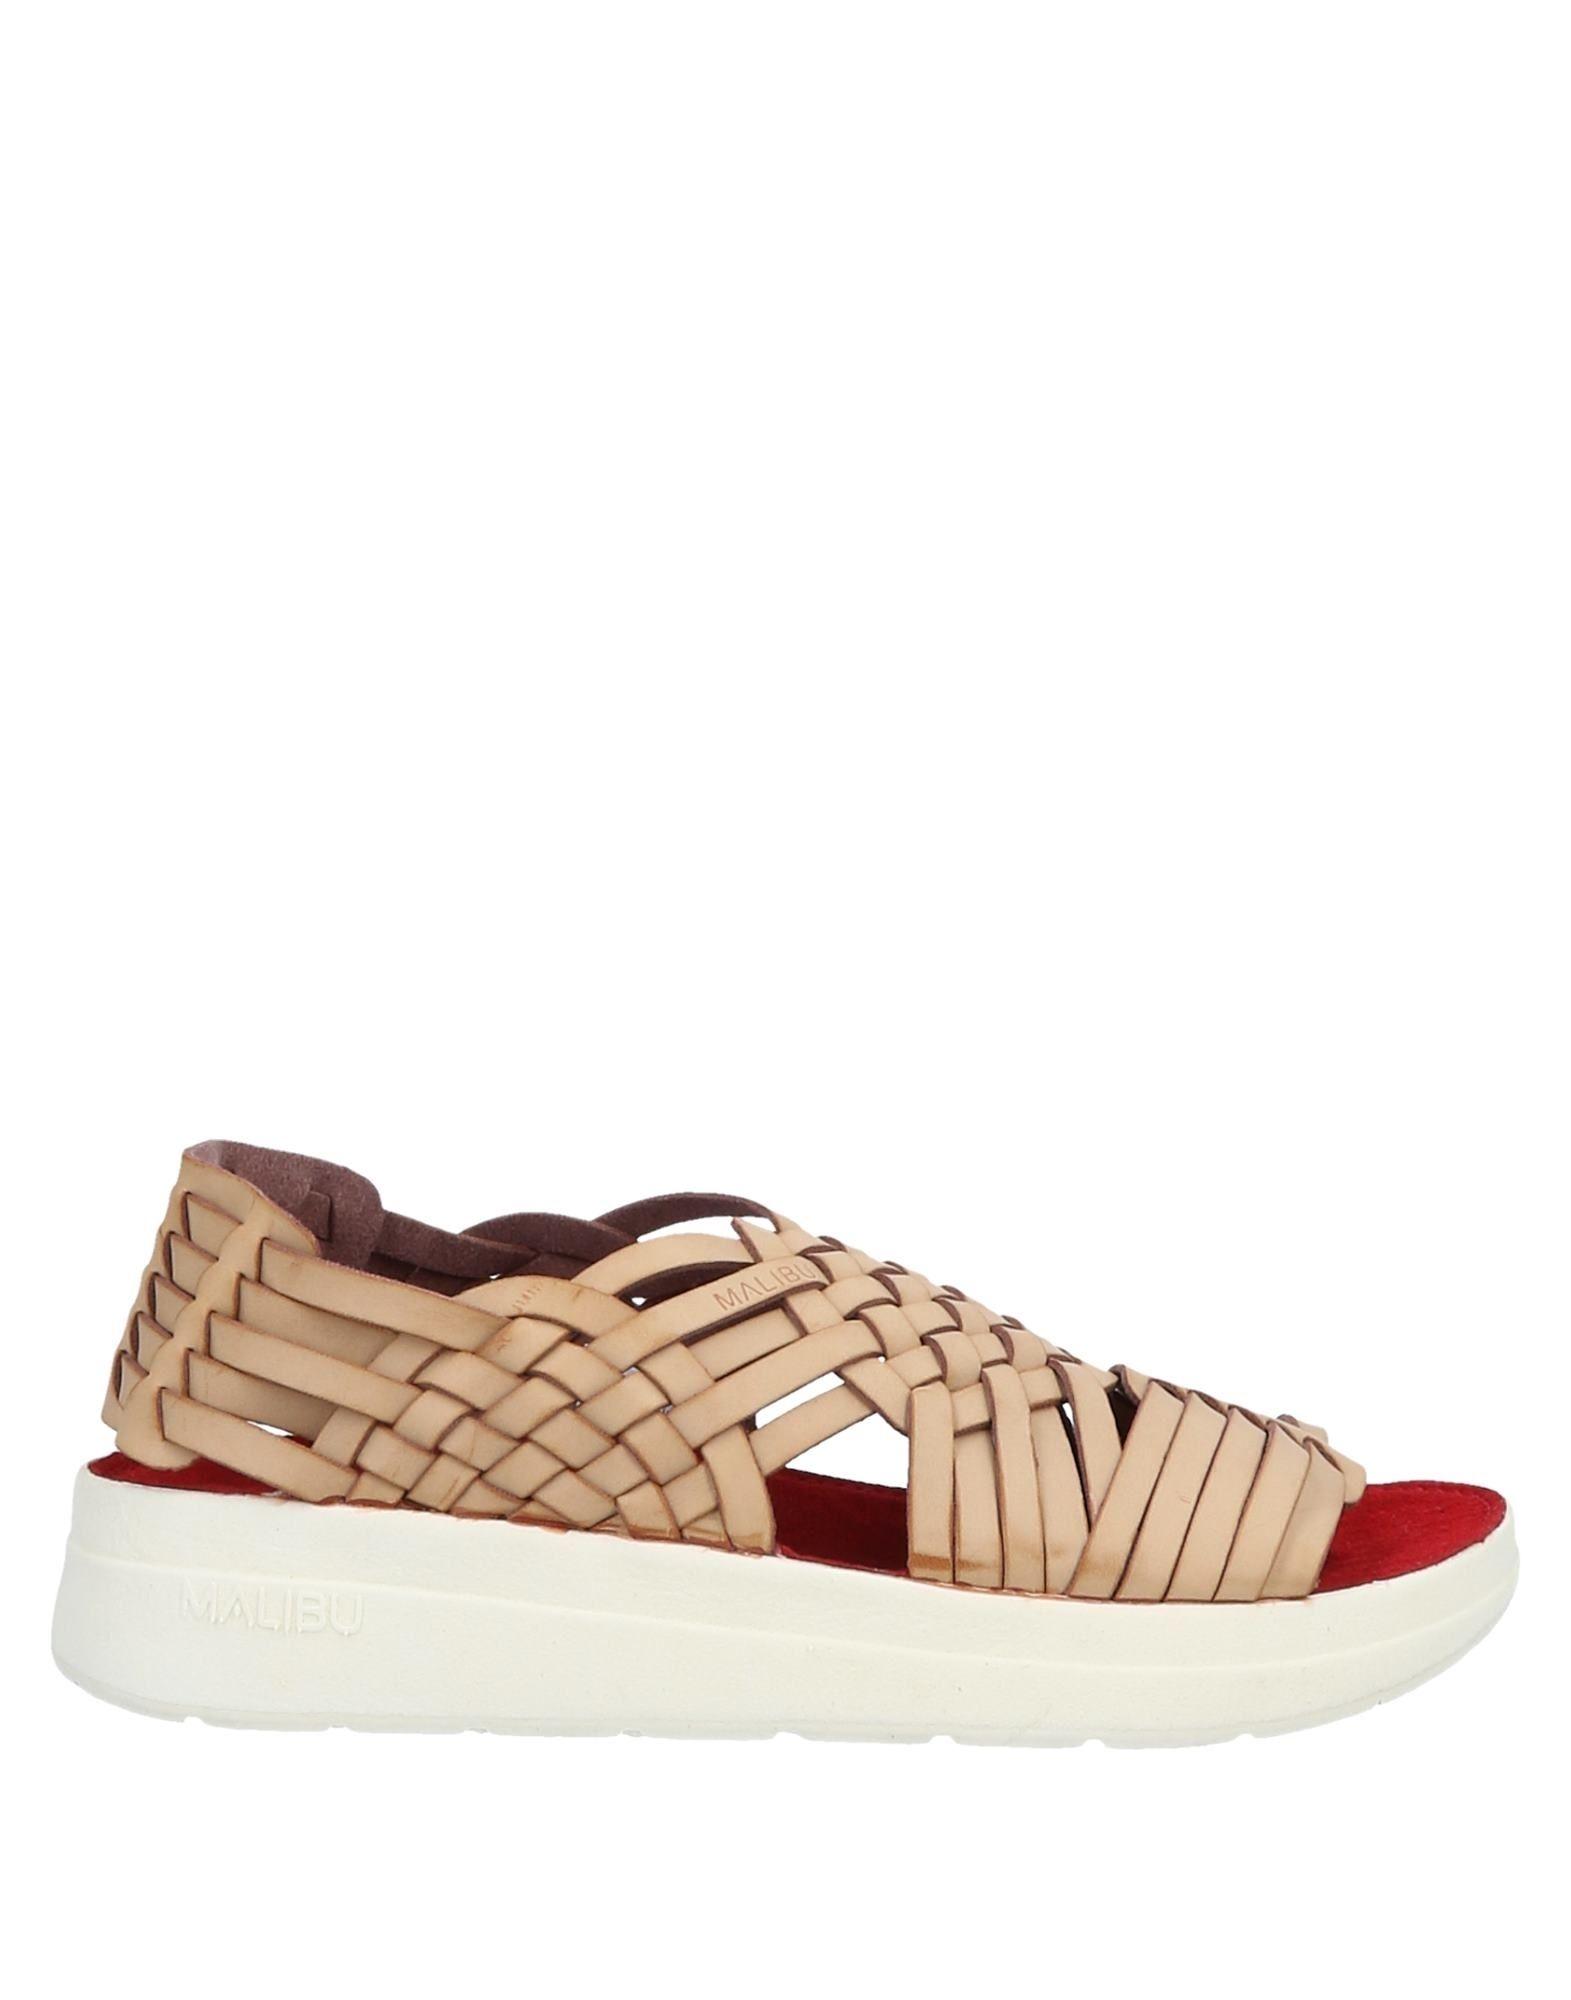 Malibu Sandals™ Sandals - Women Malibu Sandals™ Sandals online 11565637TQ on  Australia - 11565637TQ online 8f7de3